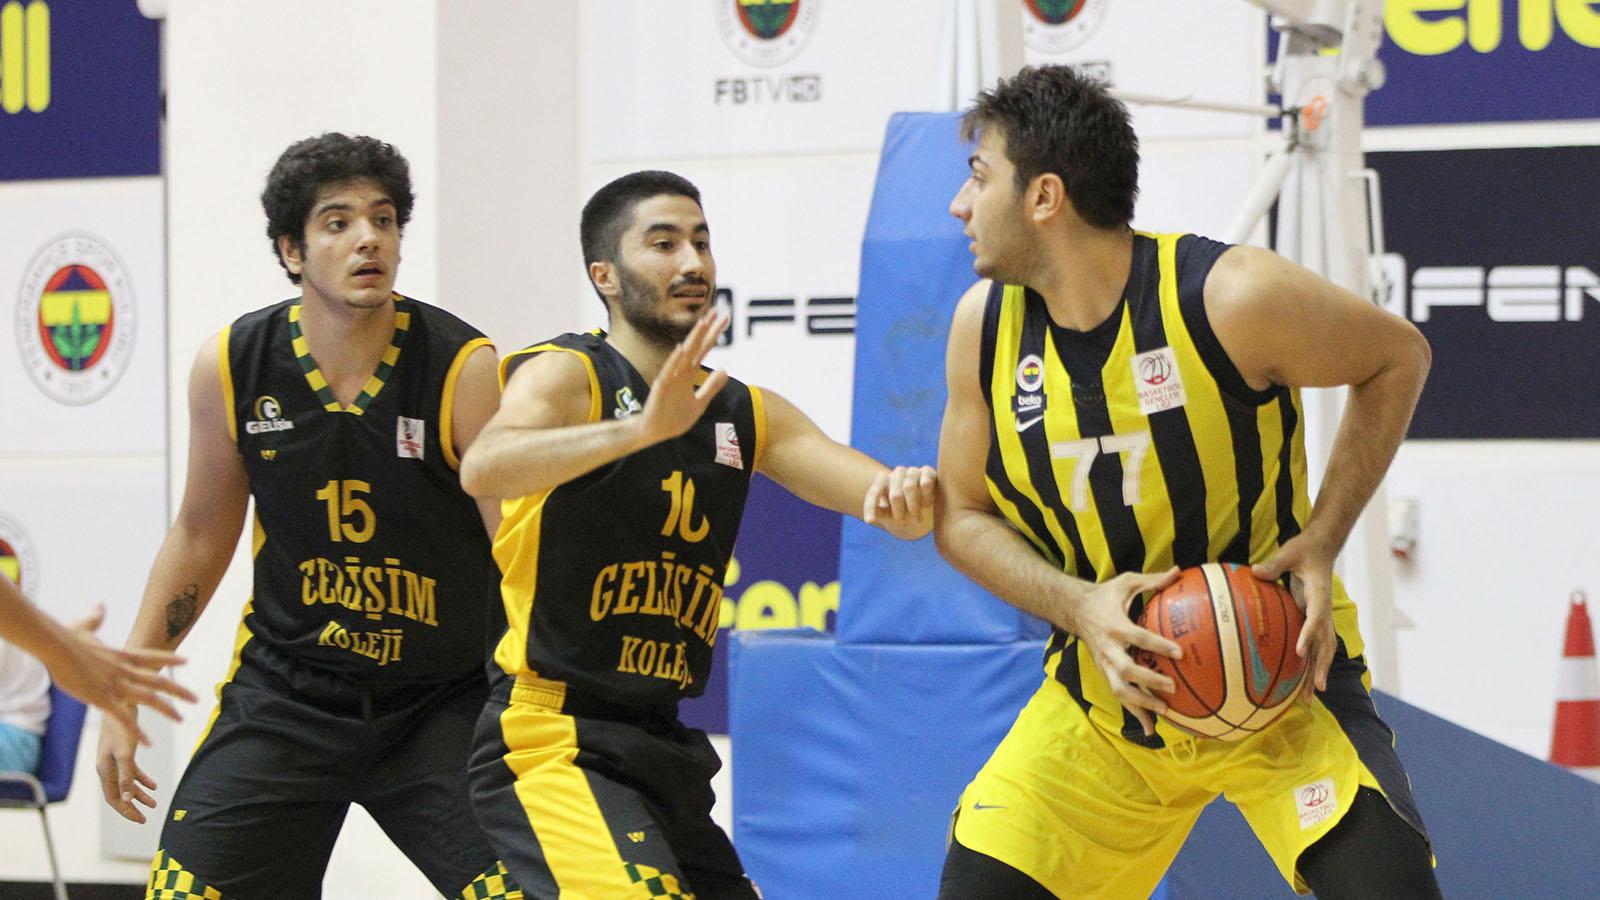 Fenerbahçe Beko 72-67 Gelişim Koleji (Basketbol Gençler Ligi)